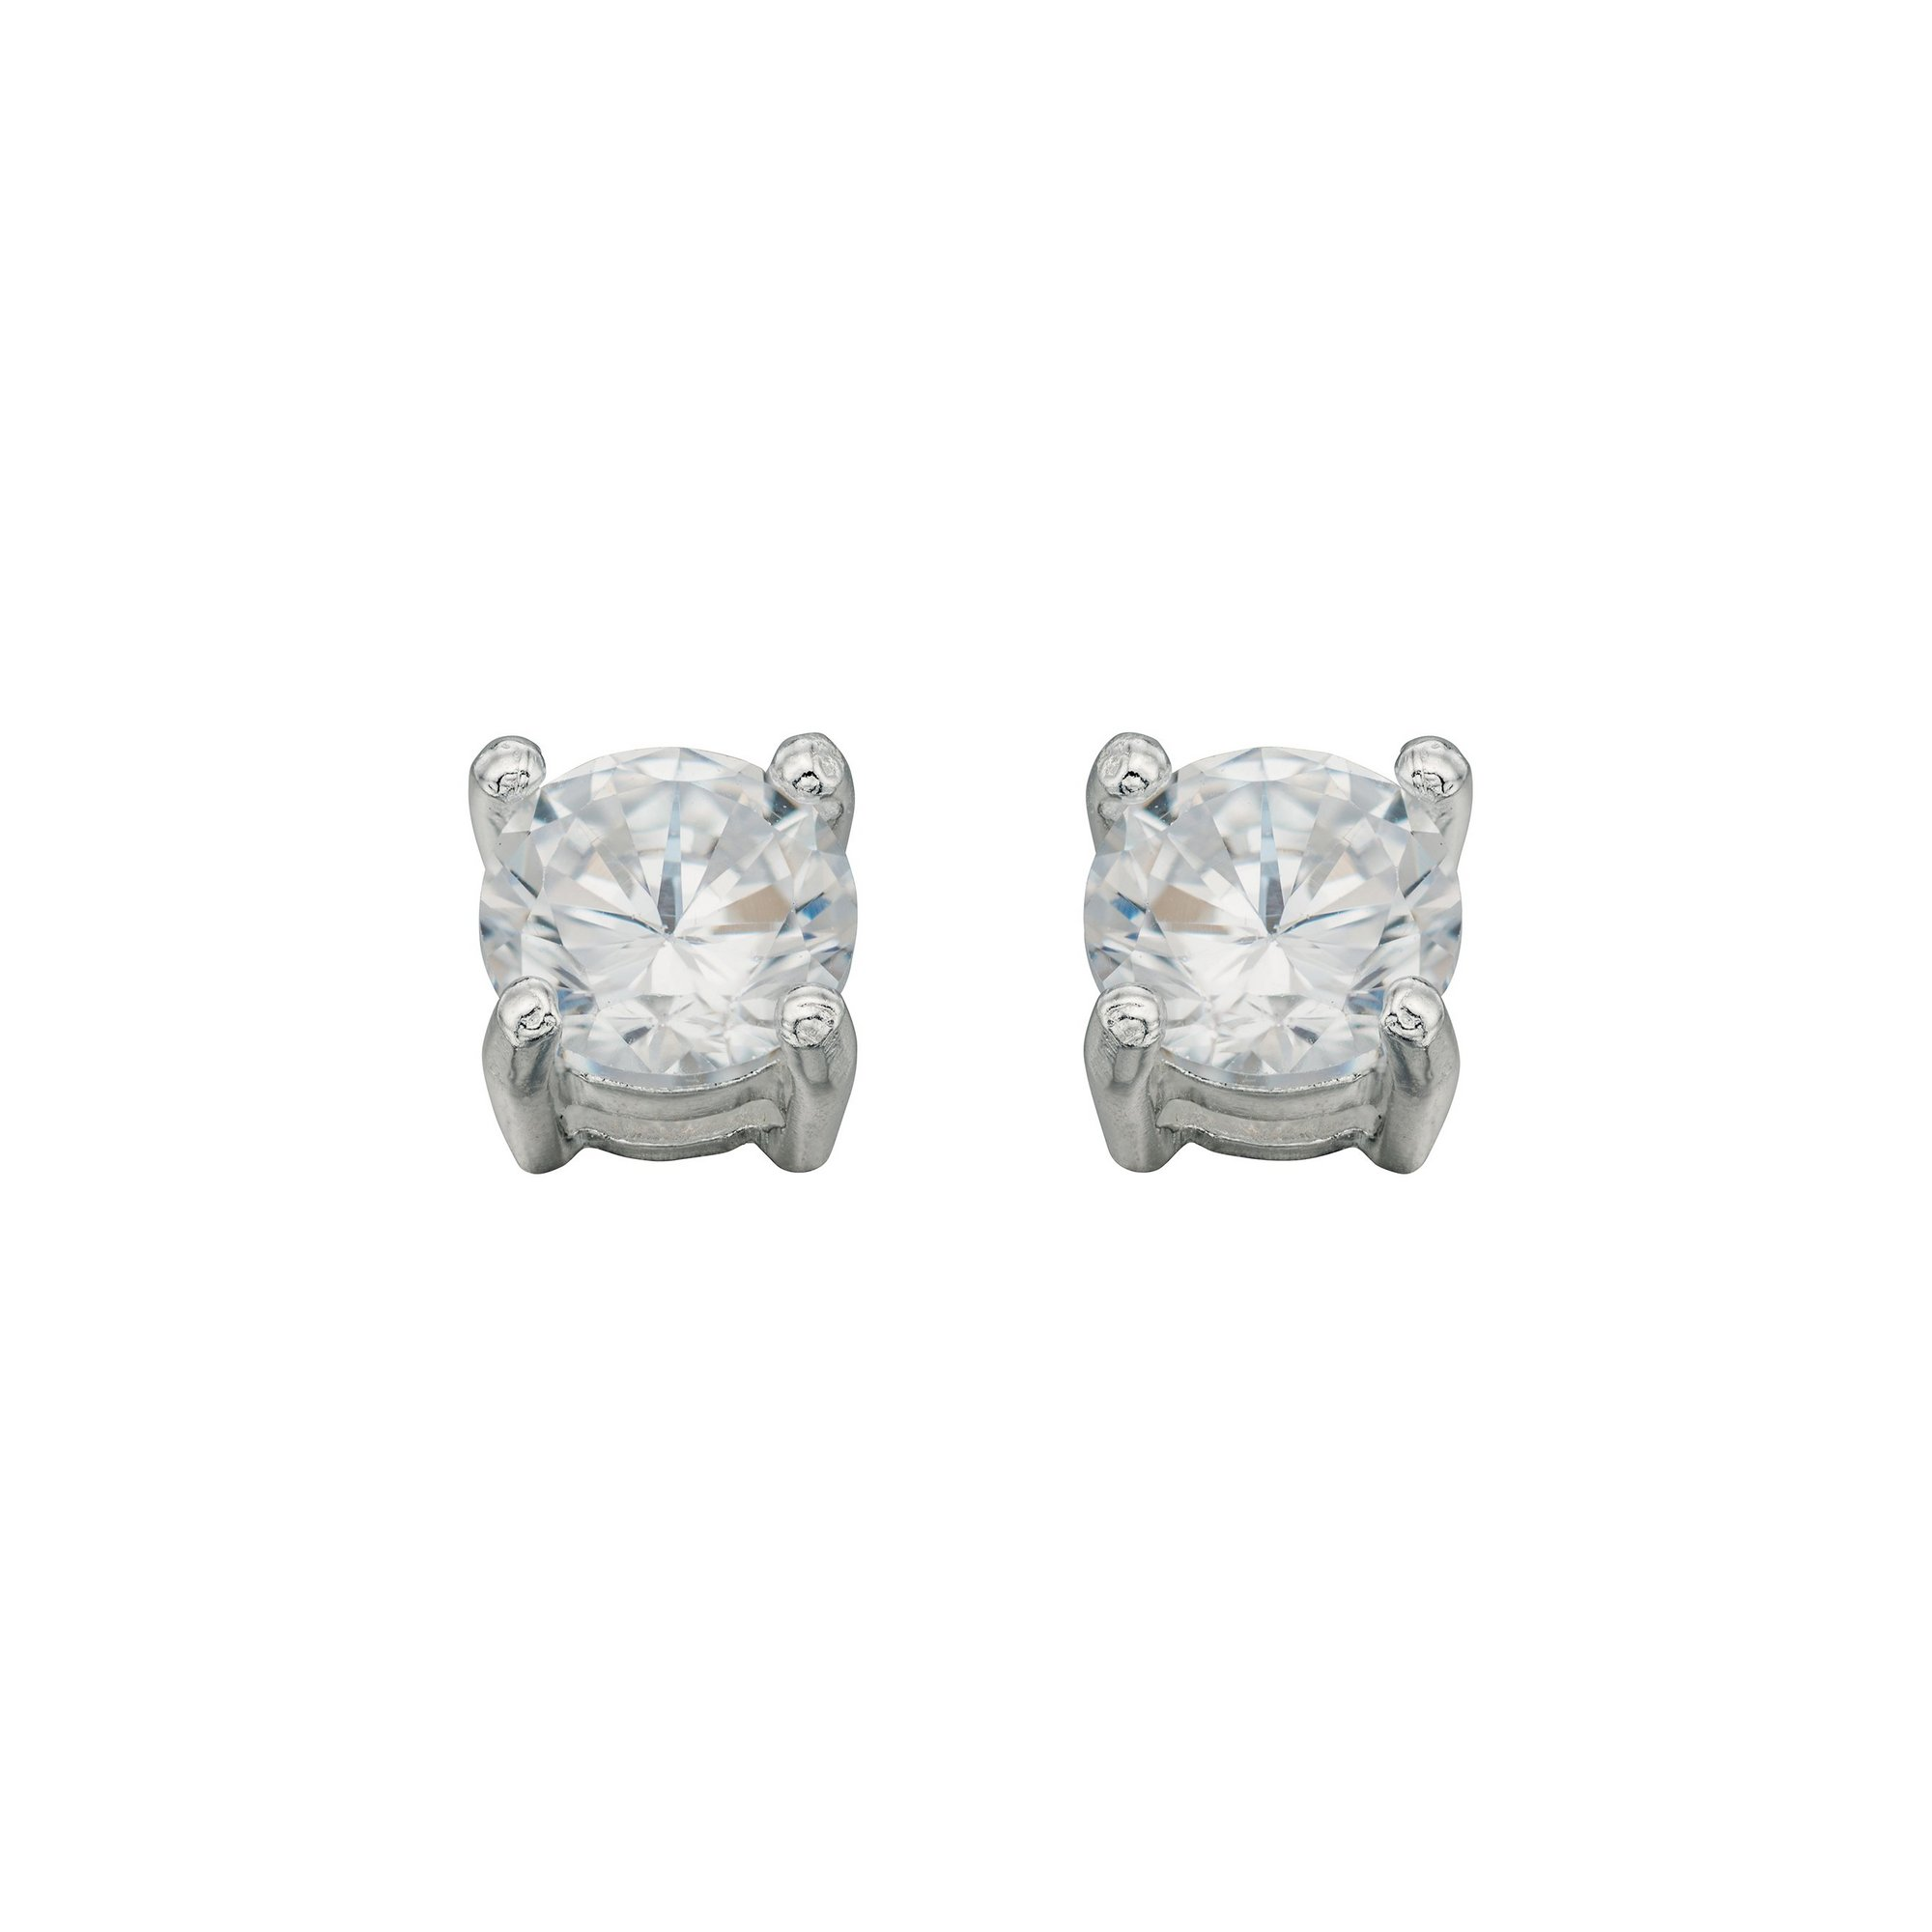 Image of Beginnings Clear CZ Medium Round Stud Earrings